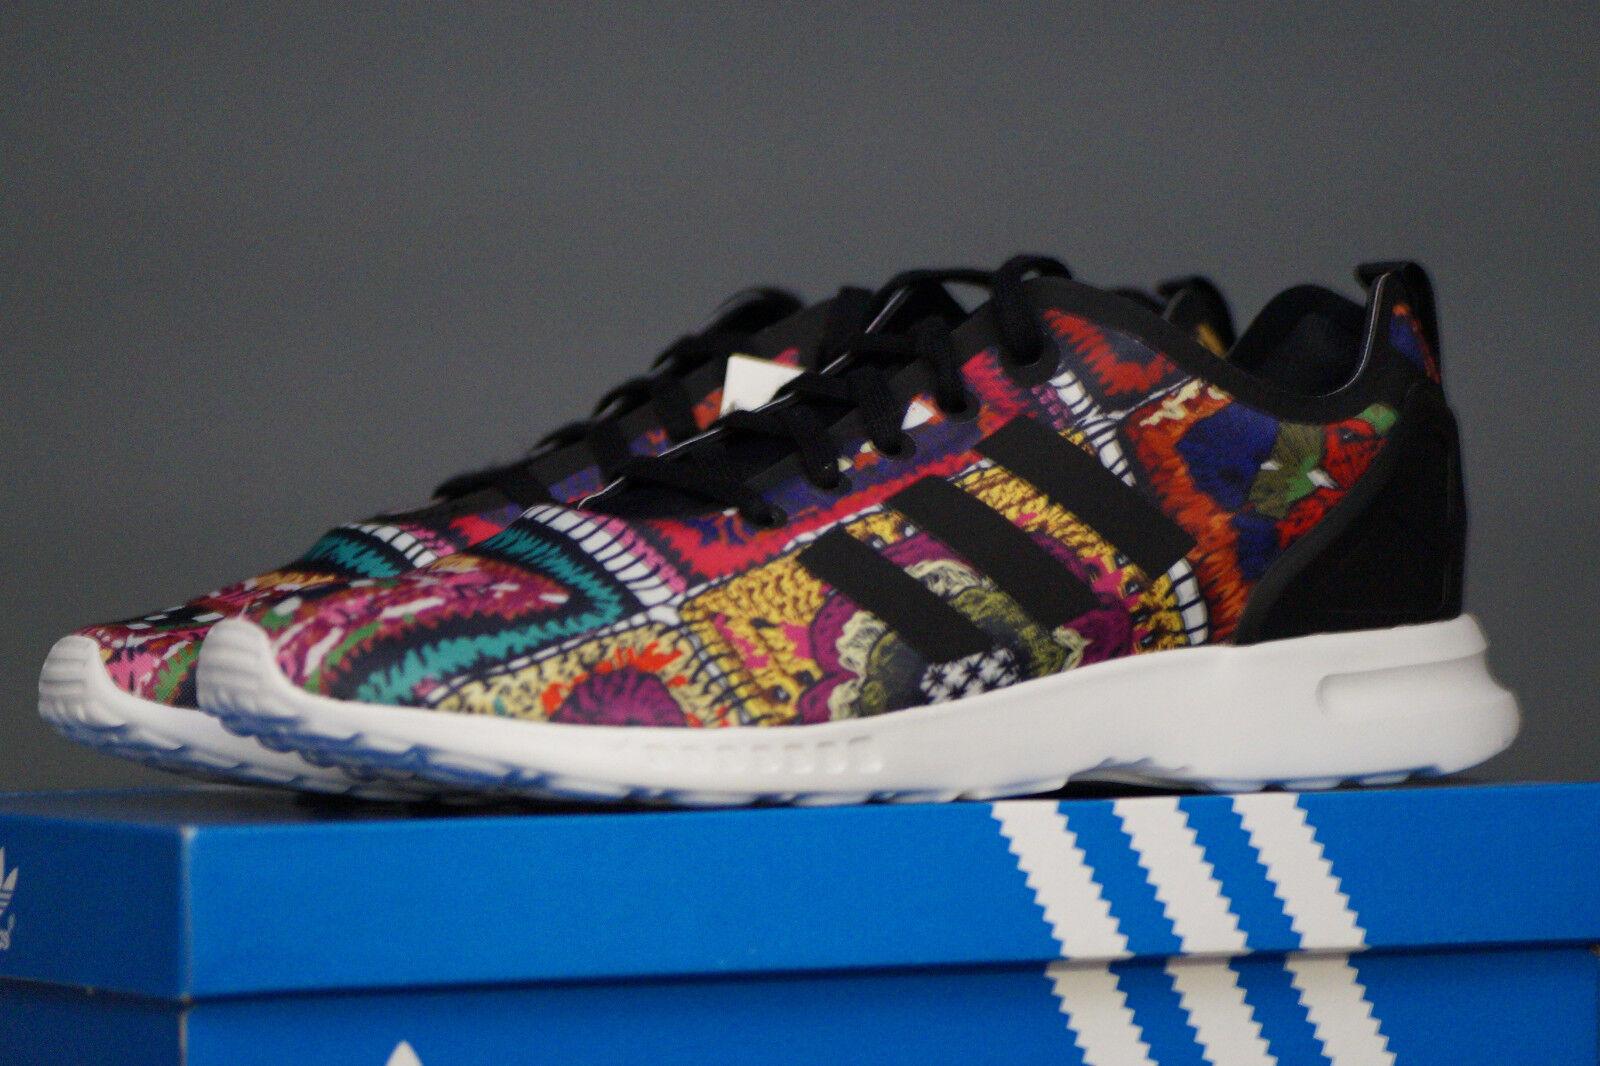 Adidas ZX Flux ADV smooth W UE 40 multiColor s79824 señora calzado deportivo